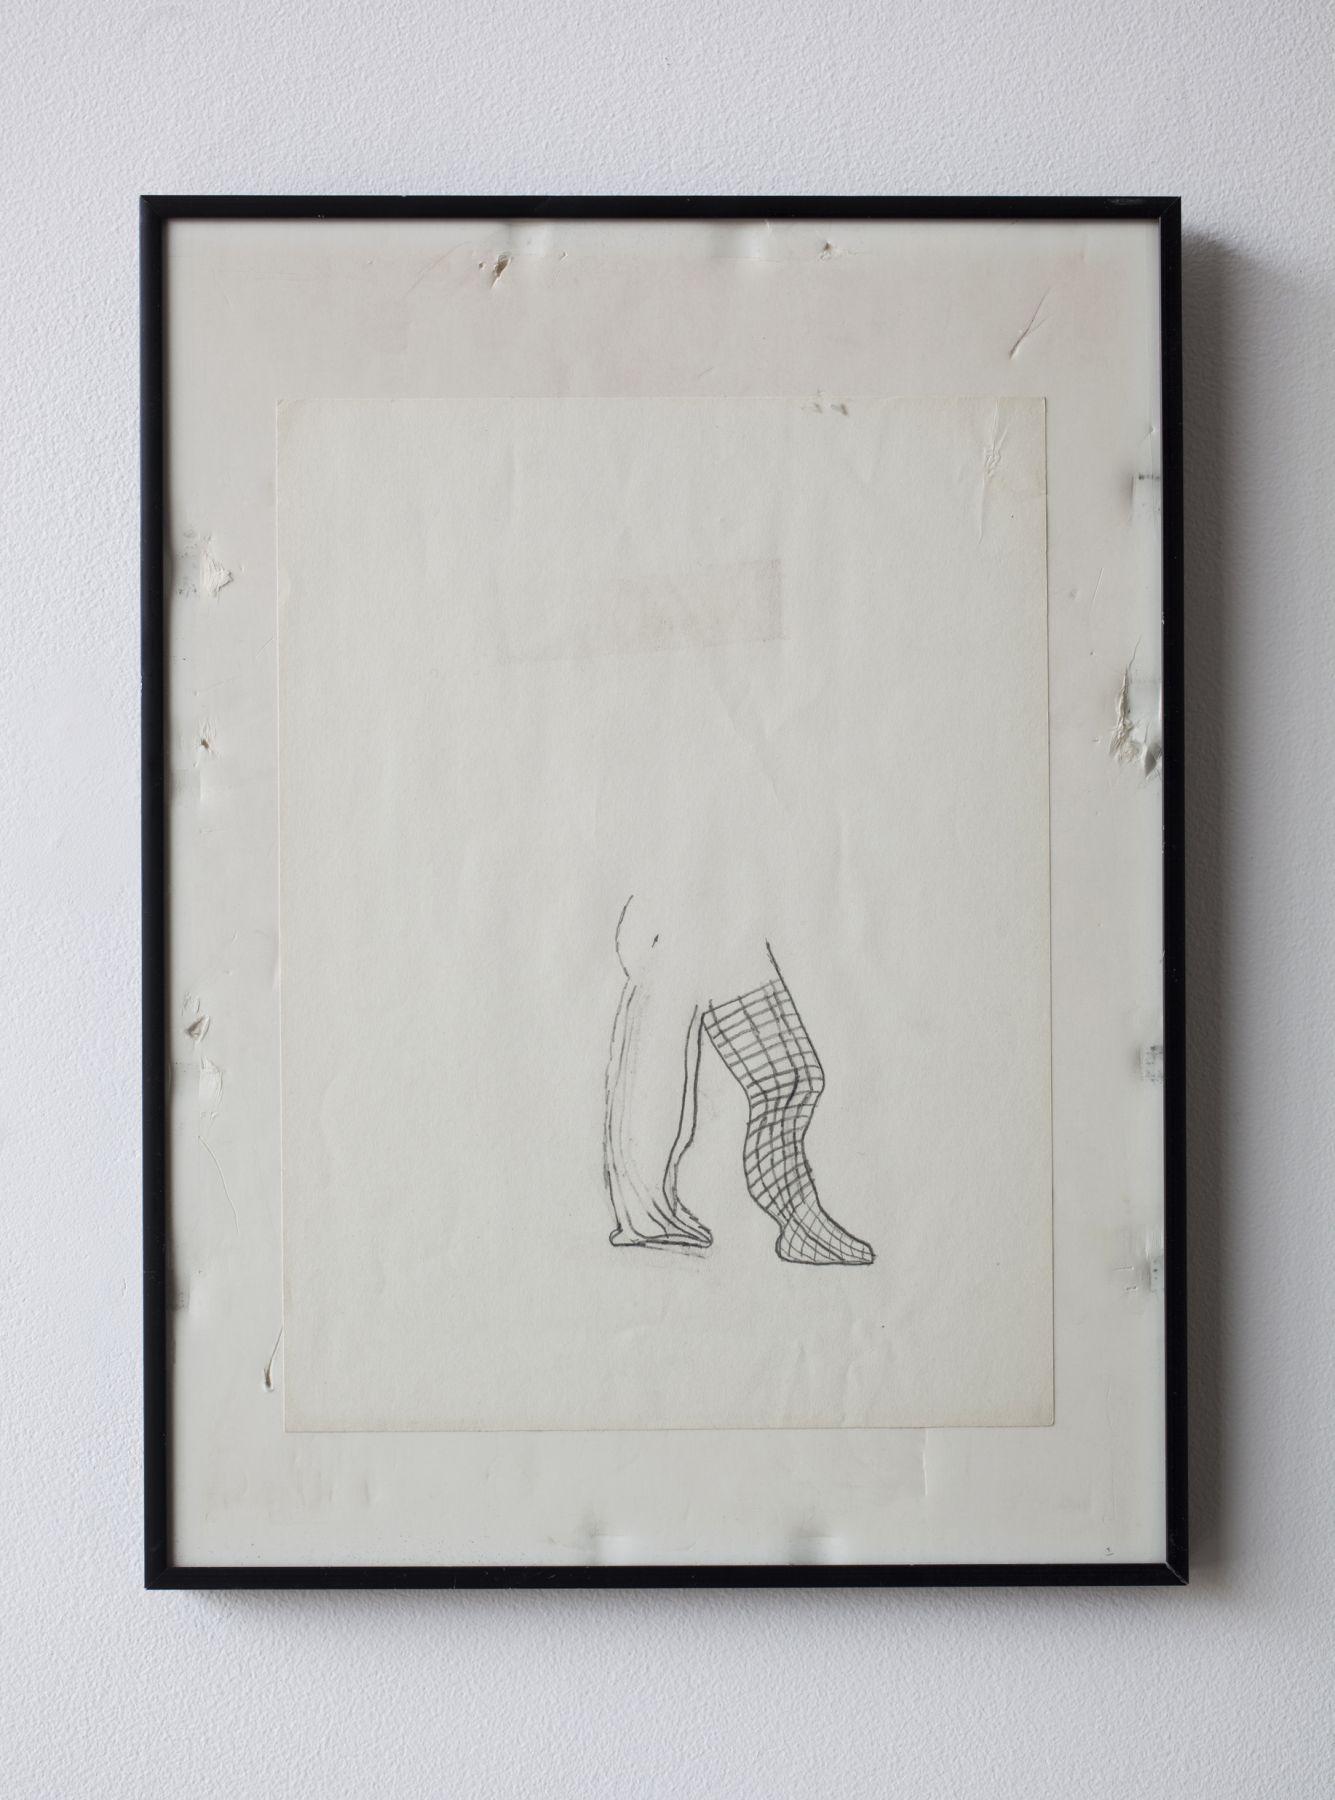 Gedi Sibony, Untitled, 2010, drawing, frame, 16 1/4 x 12 1/4 x 7/8 inches